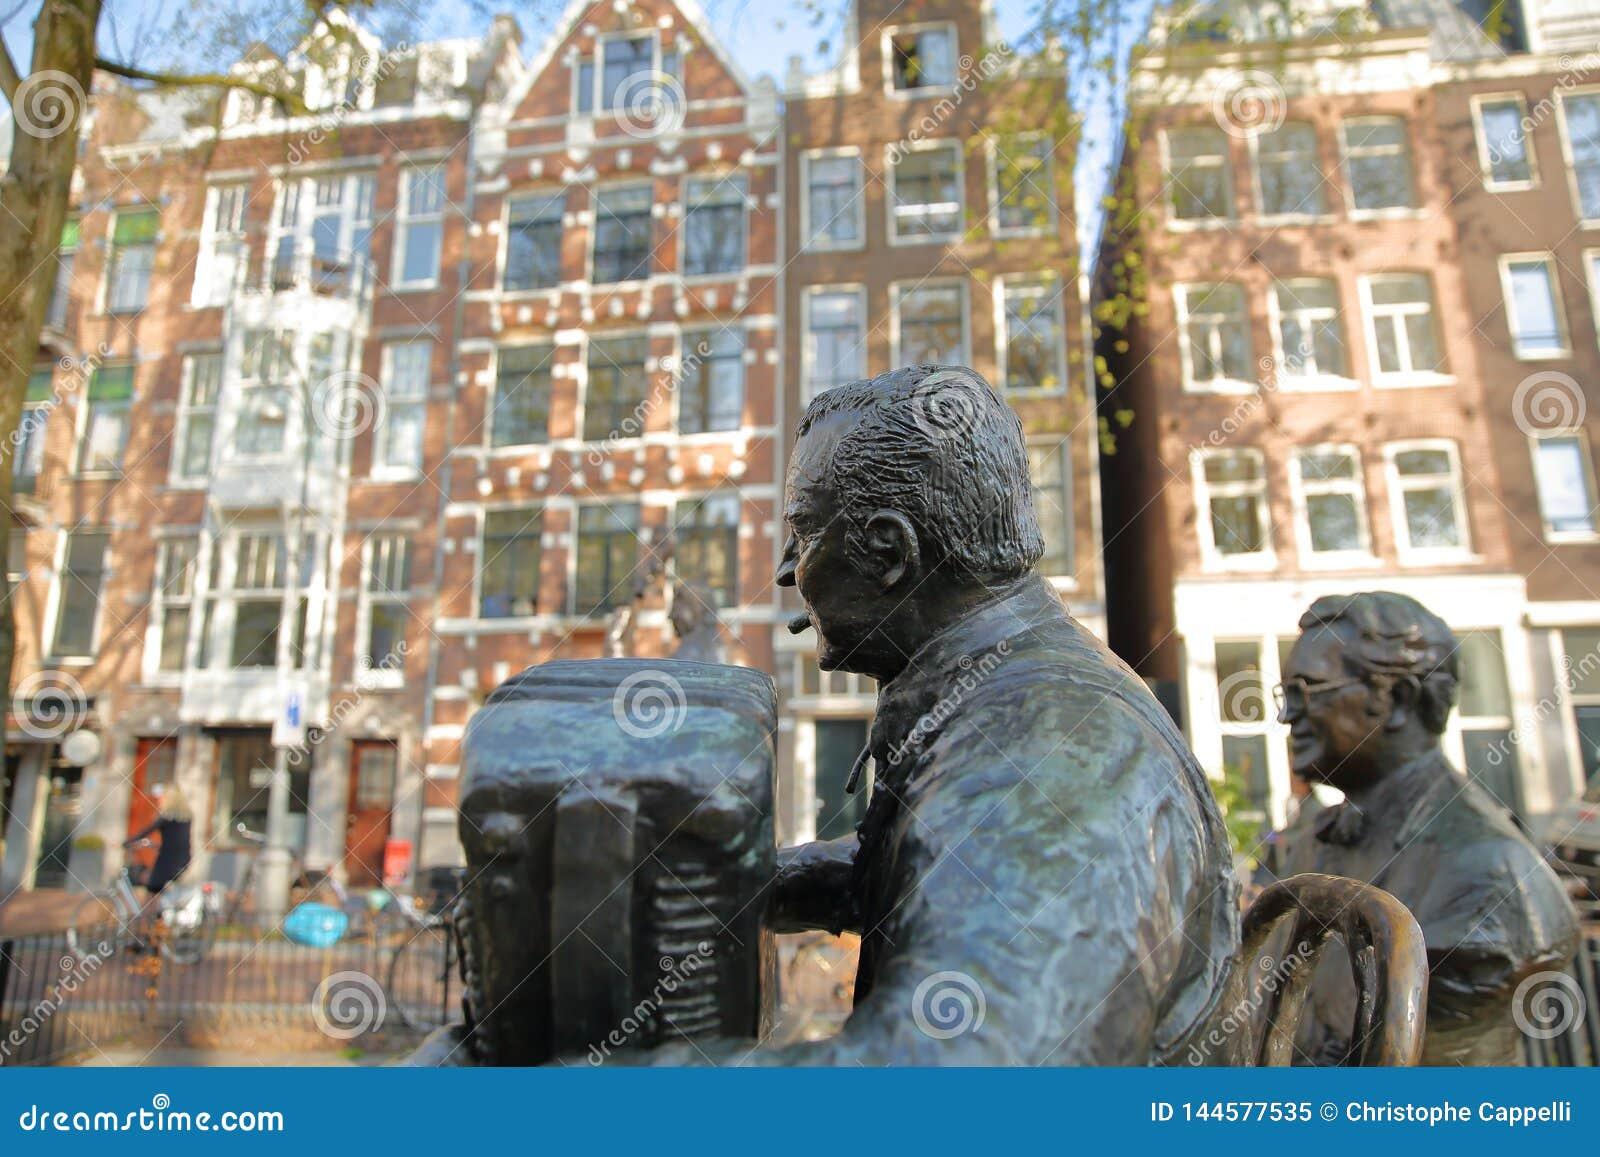 Sculptures en bronze des musiciens et des chanteurs néerlandais célèbres, situées sur Elandsgracht près de canal de Prinseng